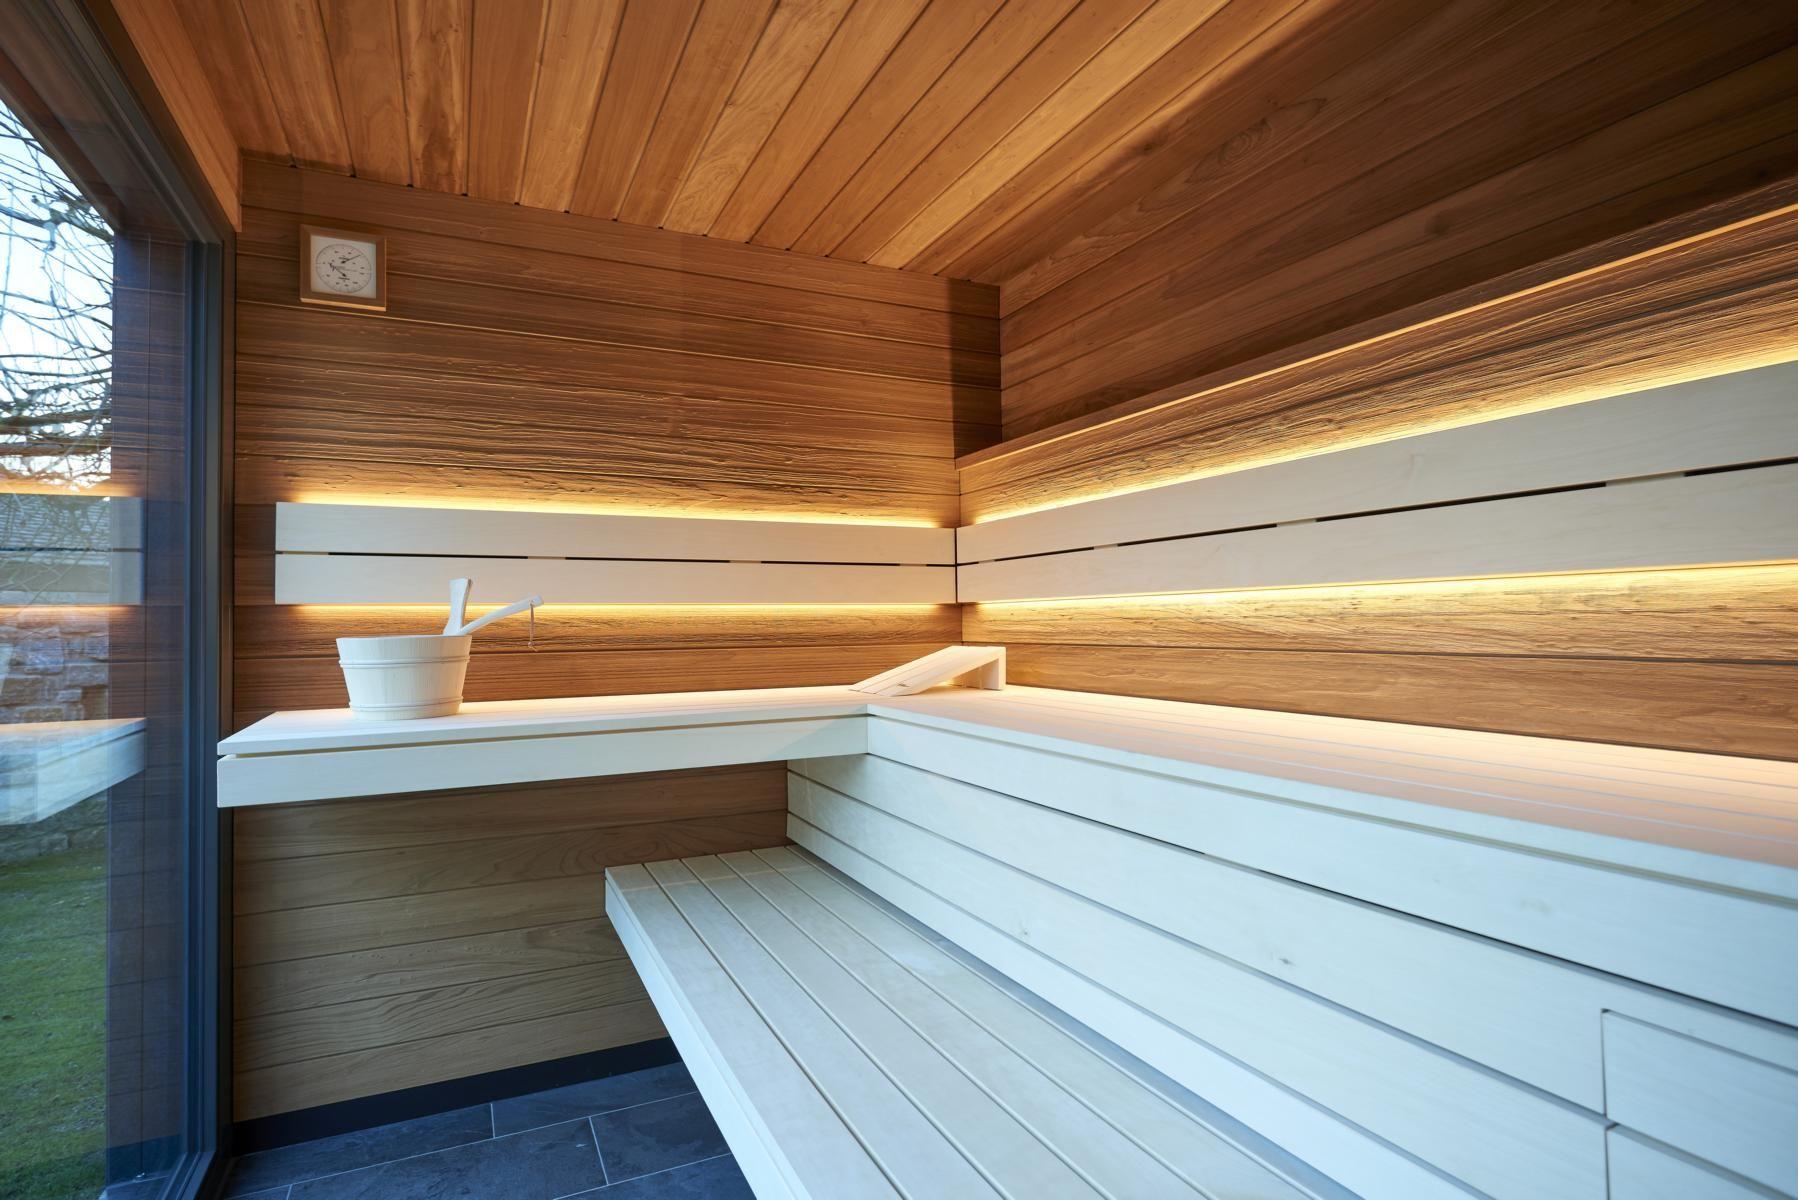 Entspannung Pur In Der Designsauna Blick In Die Aussensauna Des Saunahaus Spacube Die Sauna Wird Im Wunsch Holz Gebaut Wahlweise Saunahaus Sauna Aussen Sauna